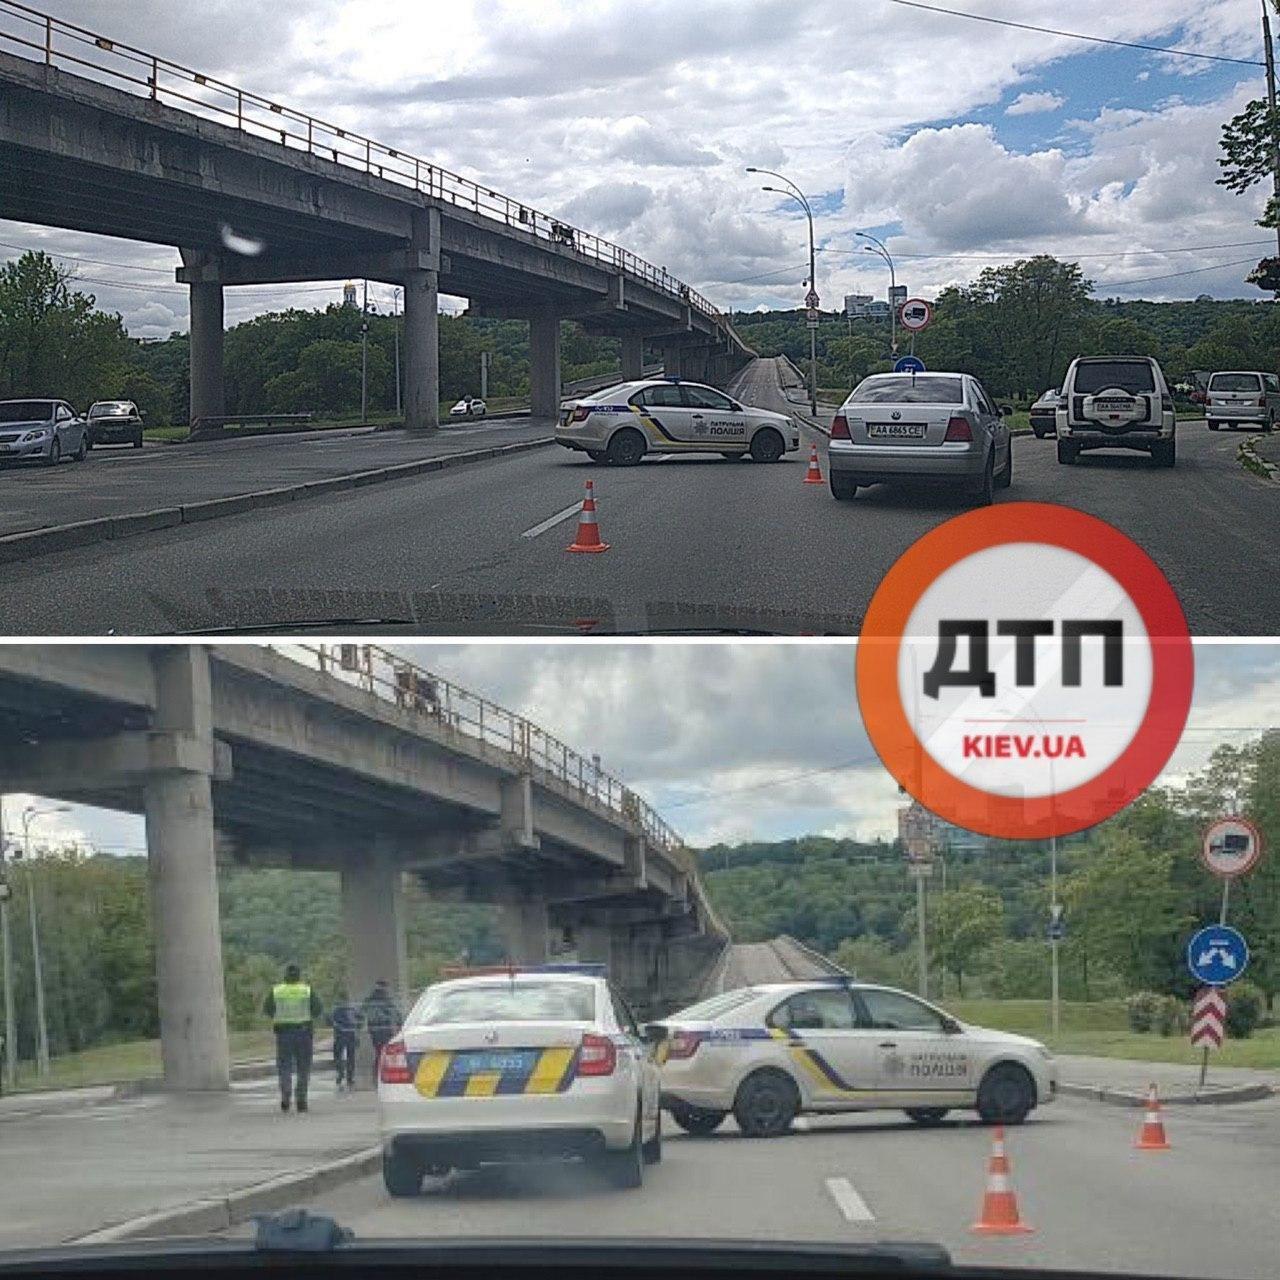 Момент задержания минера моста Метро в Киеве попал на видео